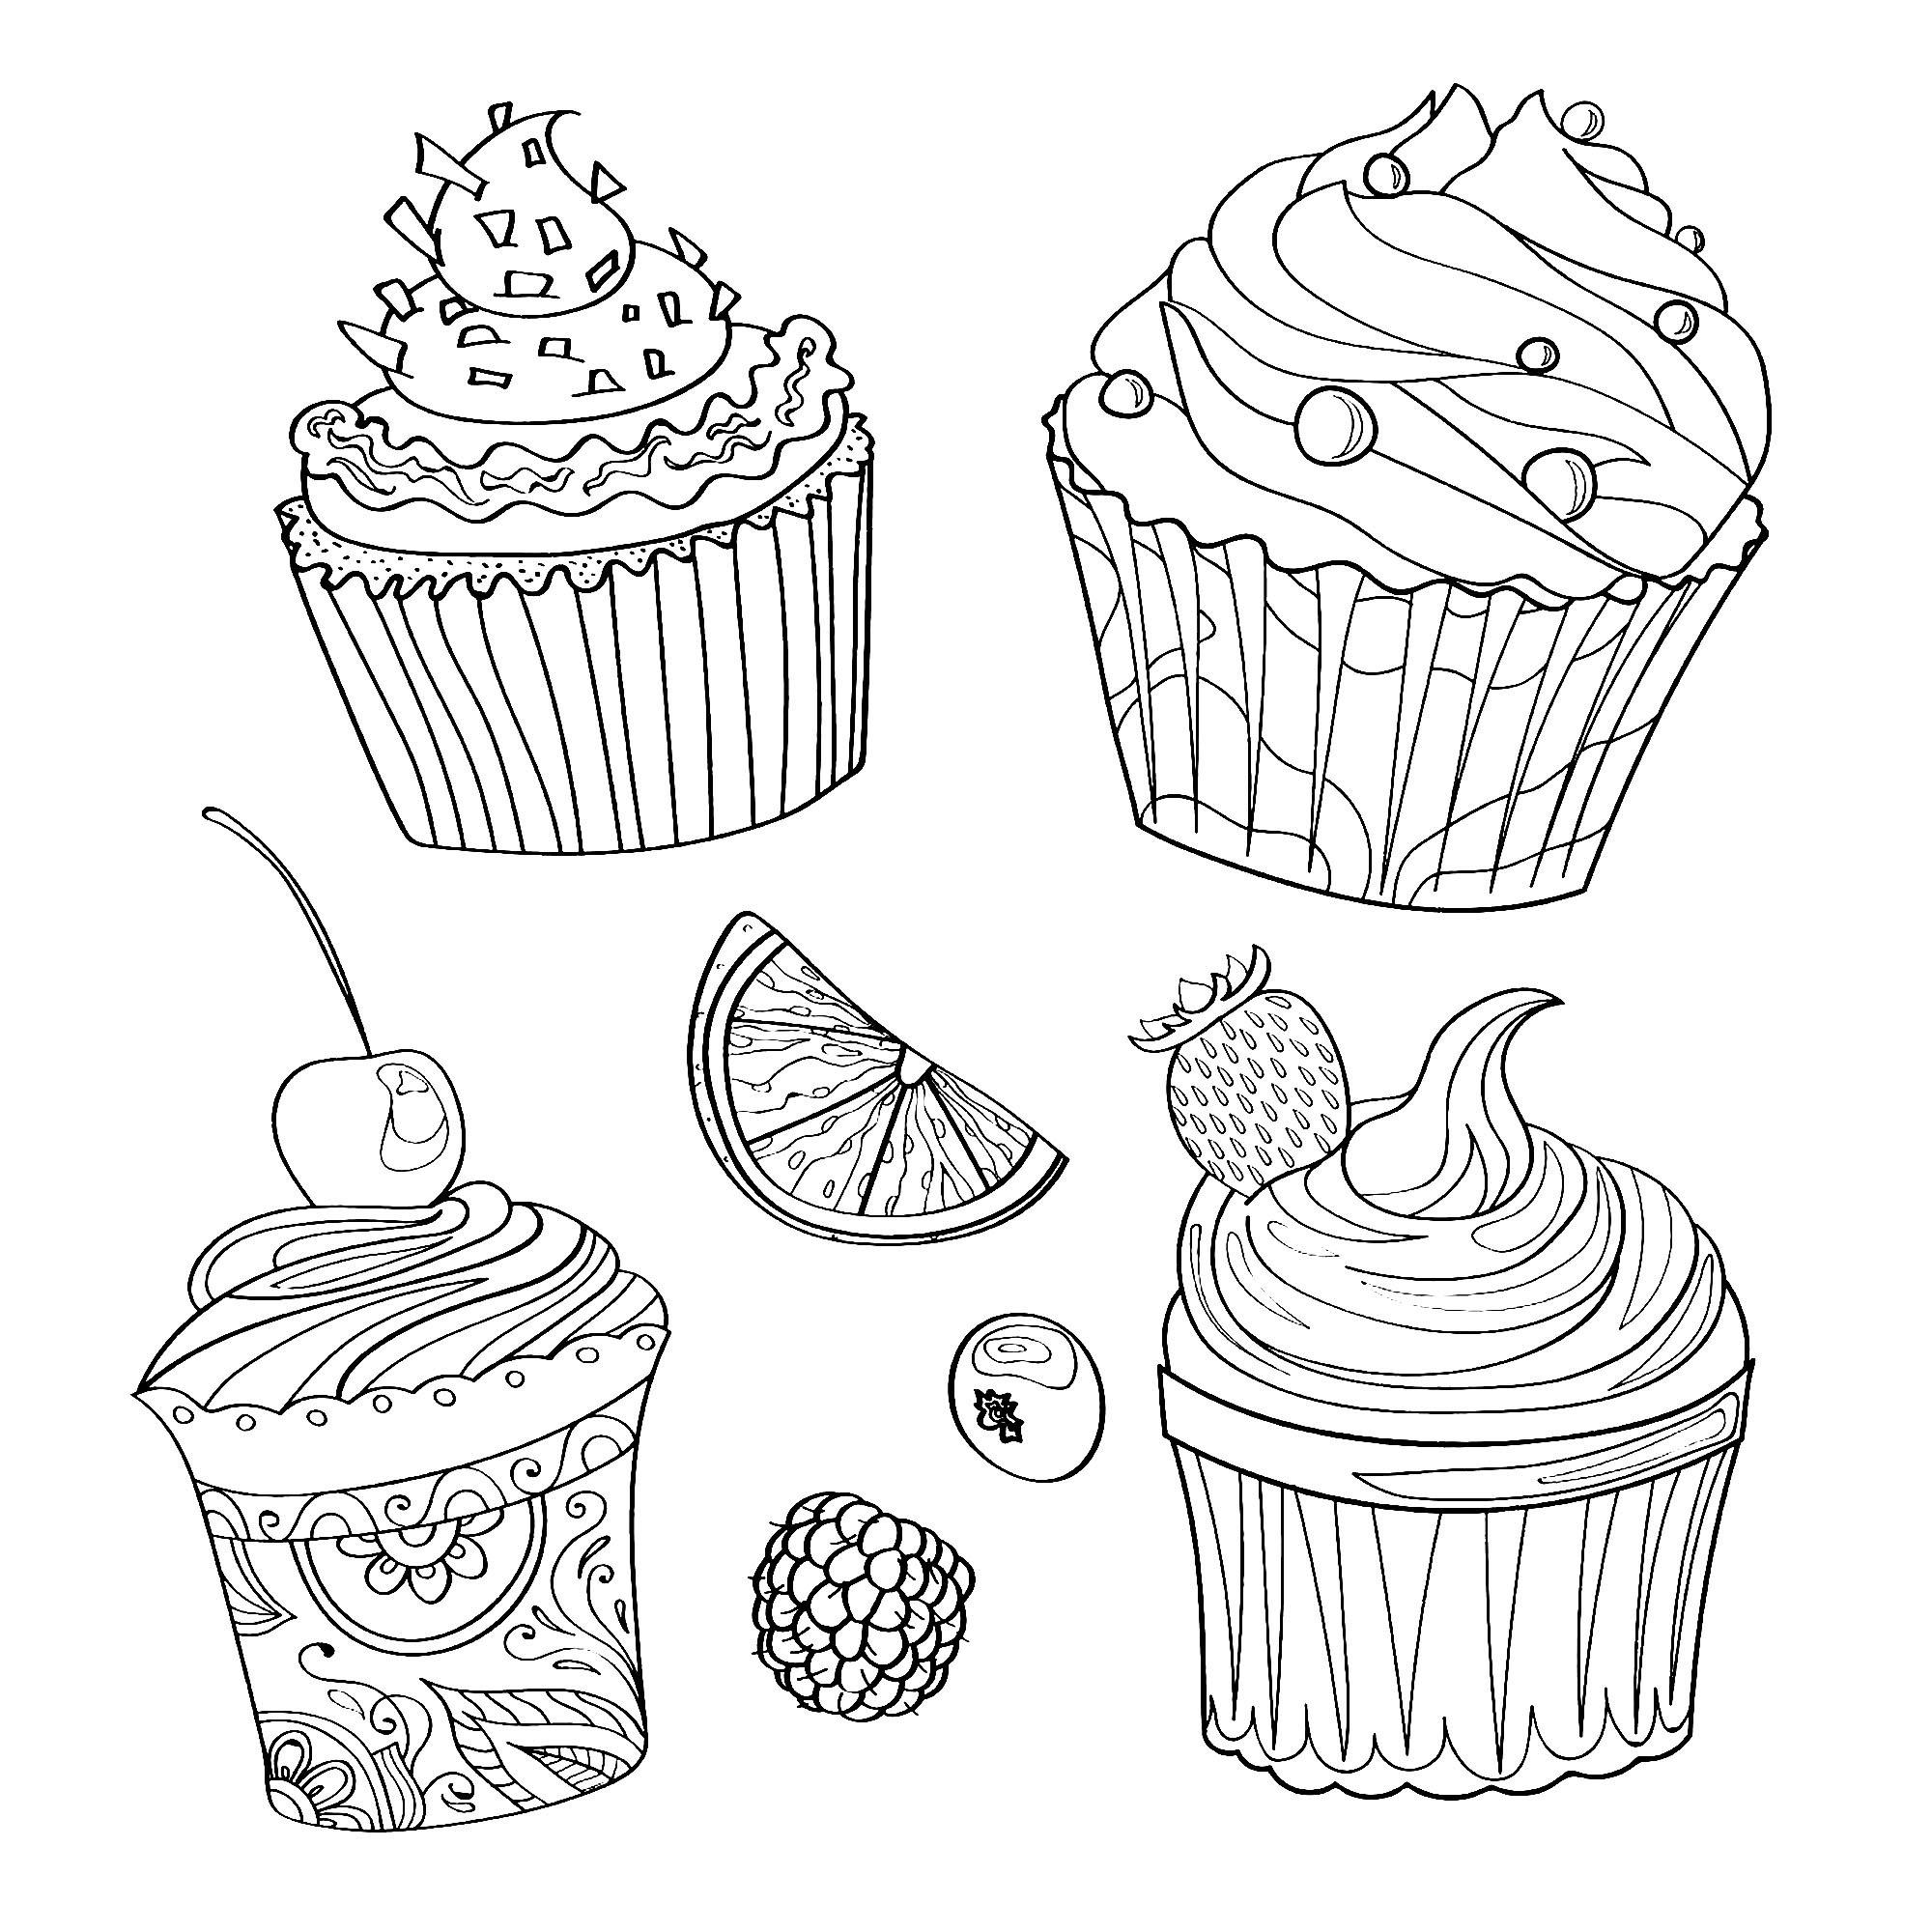 De délicieux cupcakes et morceaux de fruits - Coloriage ...